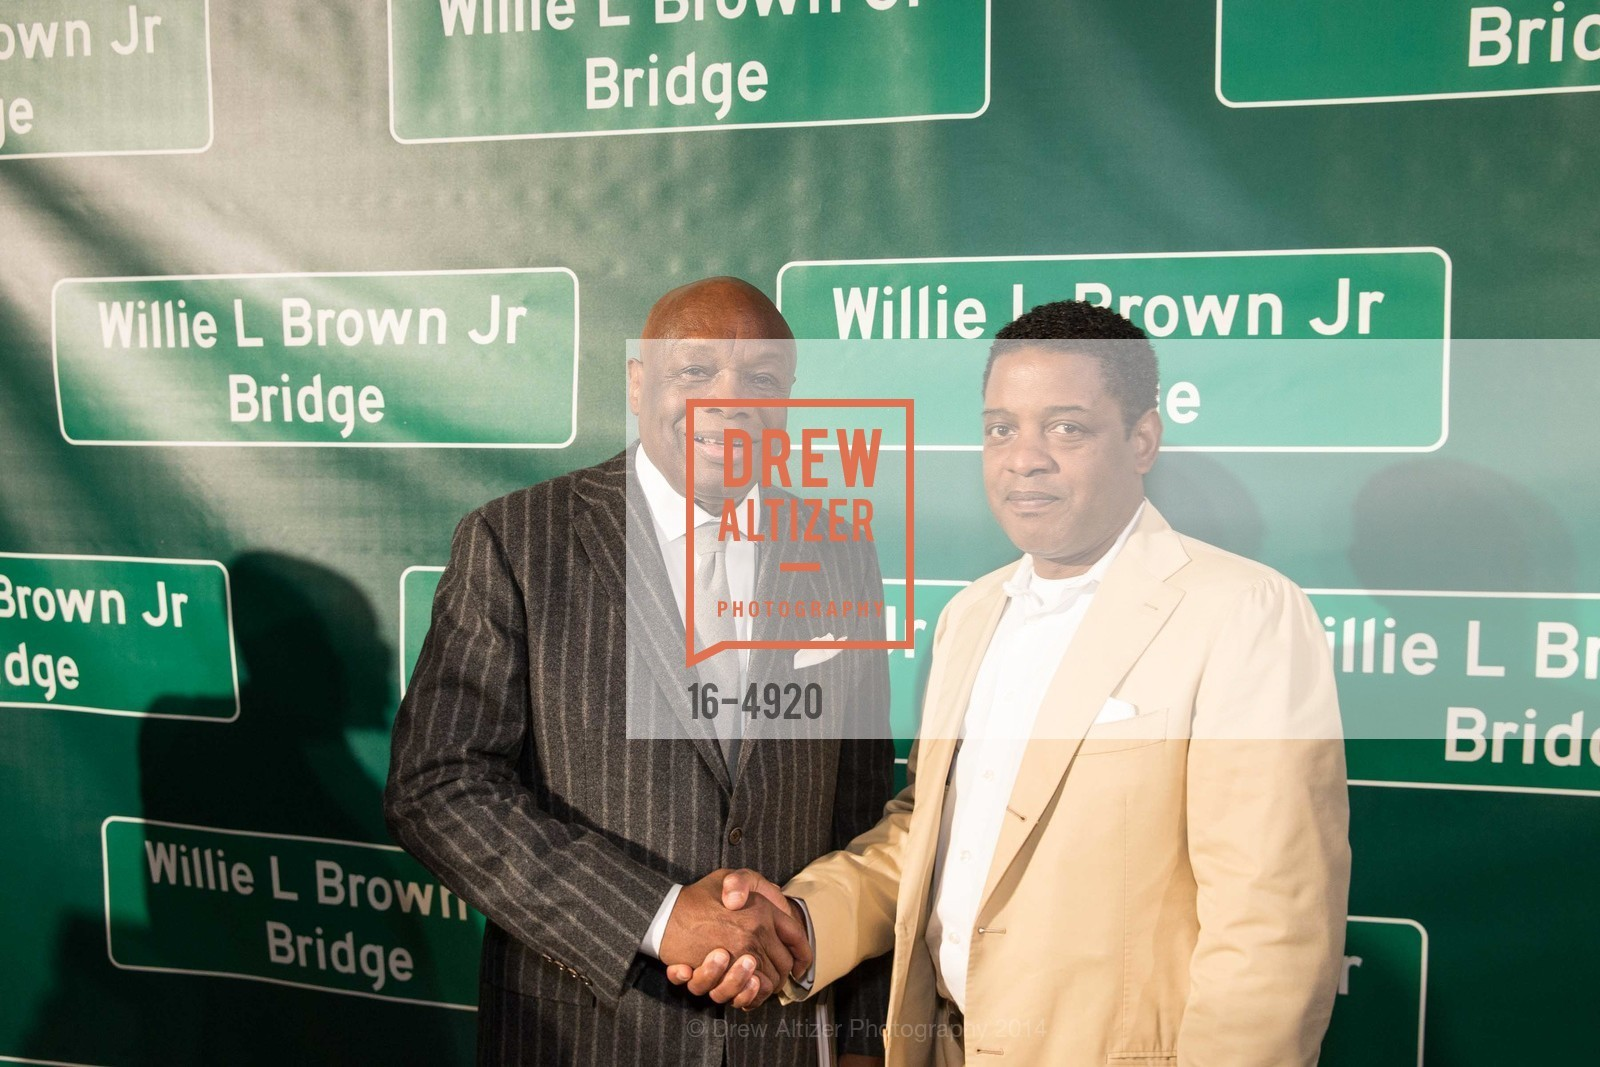 Willie Brown, Photo #16-4920